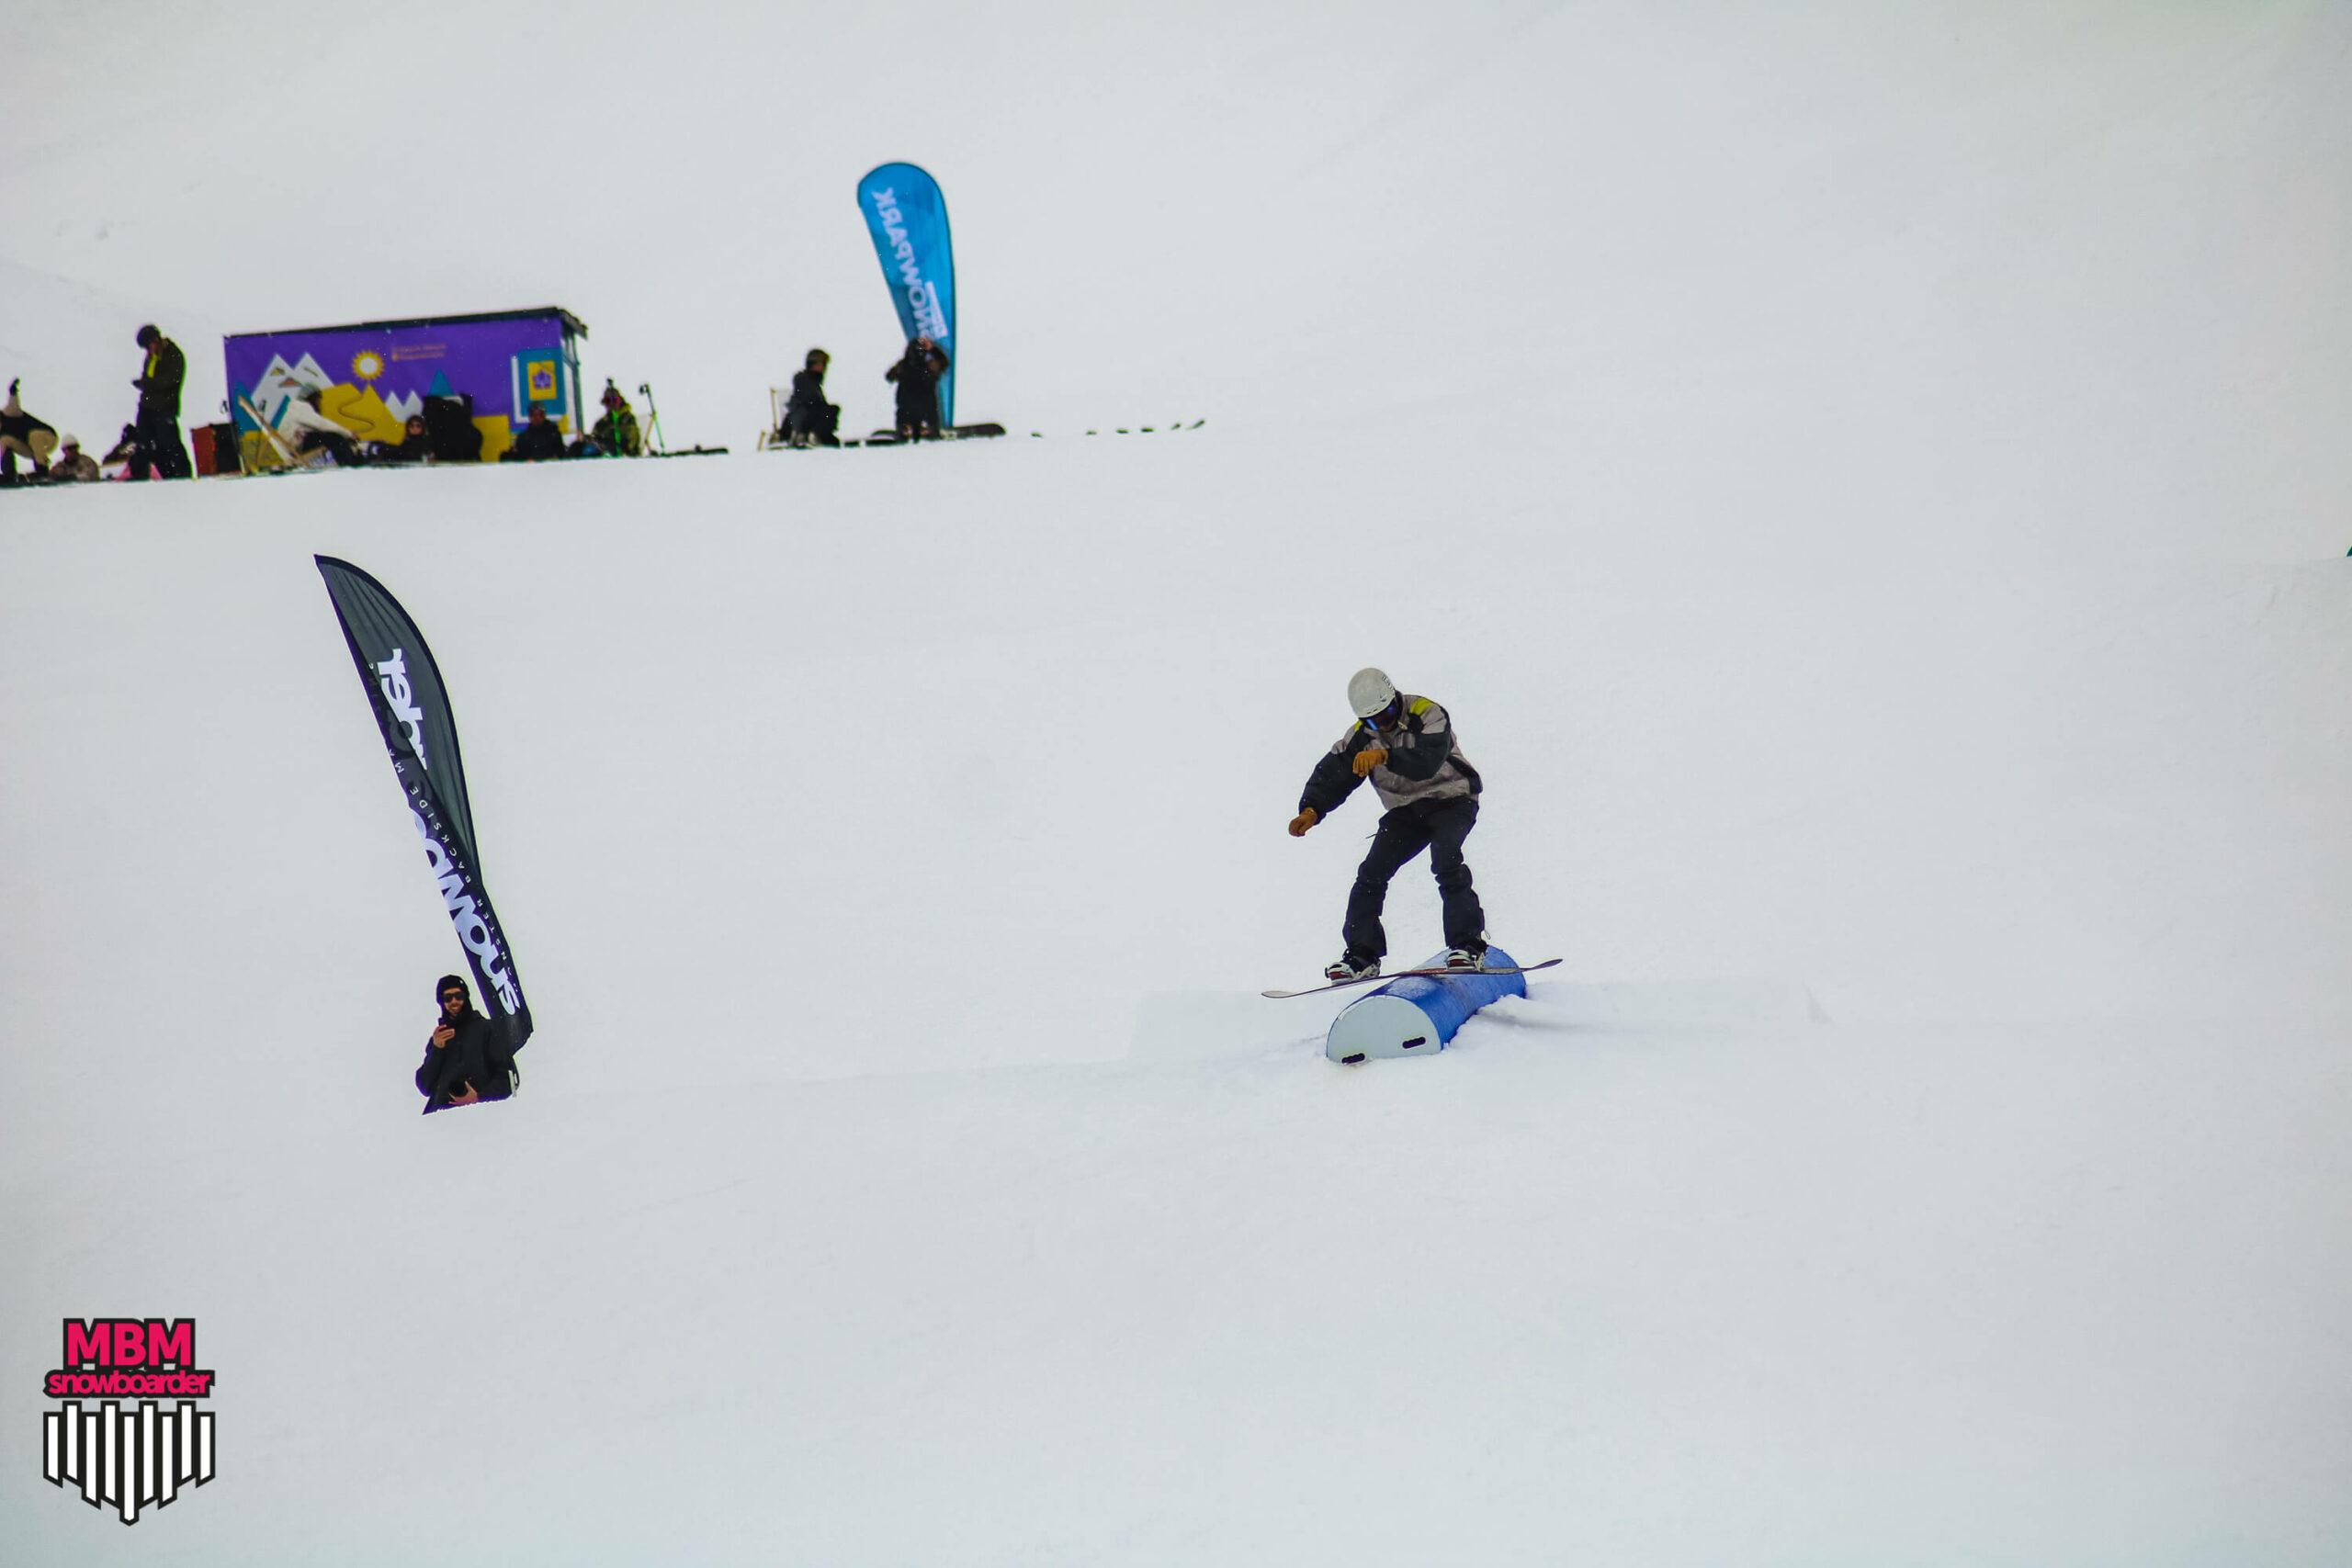 snowboarderMBM_sd_kaunertal_038